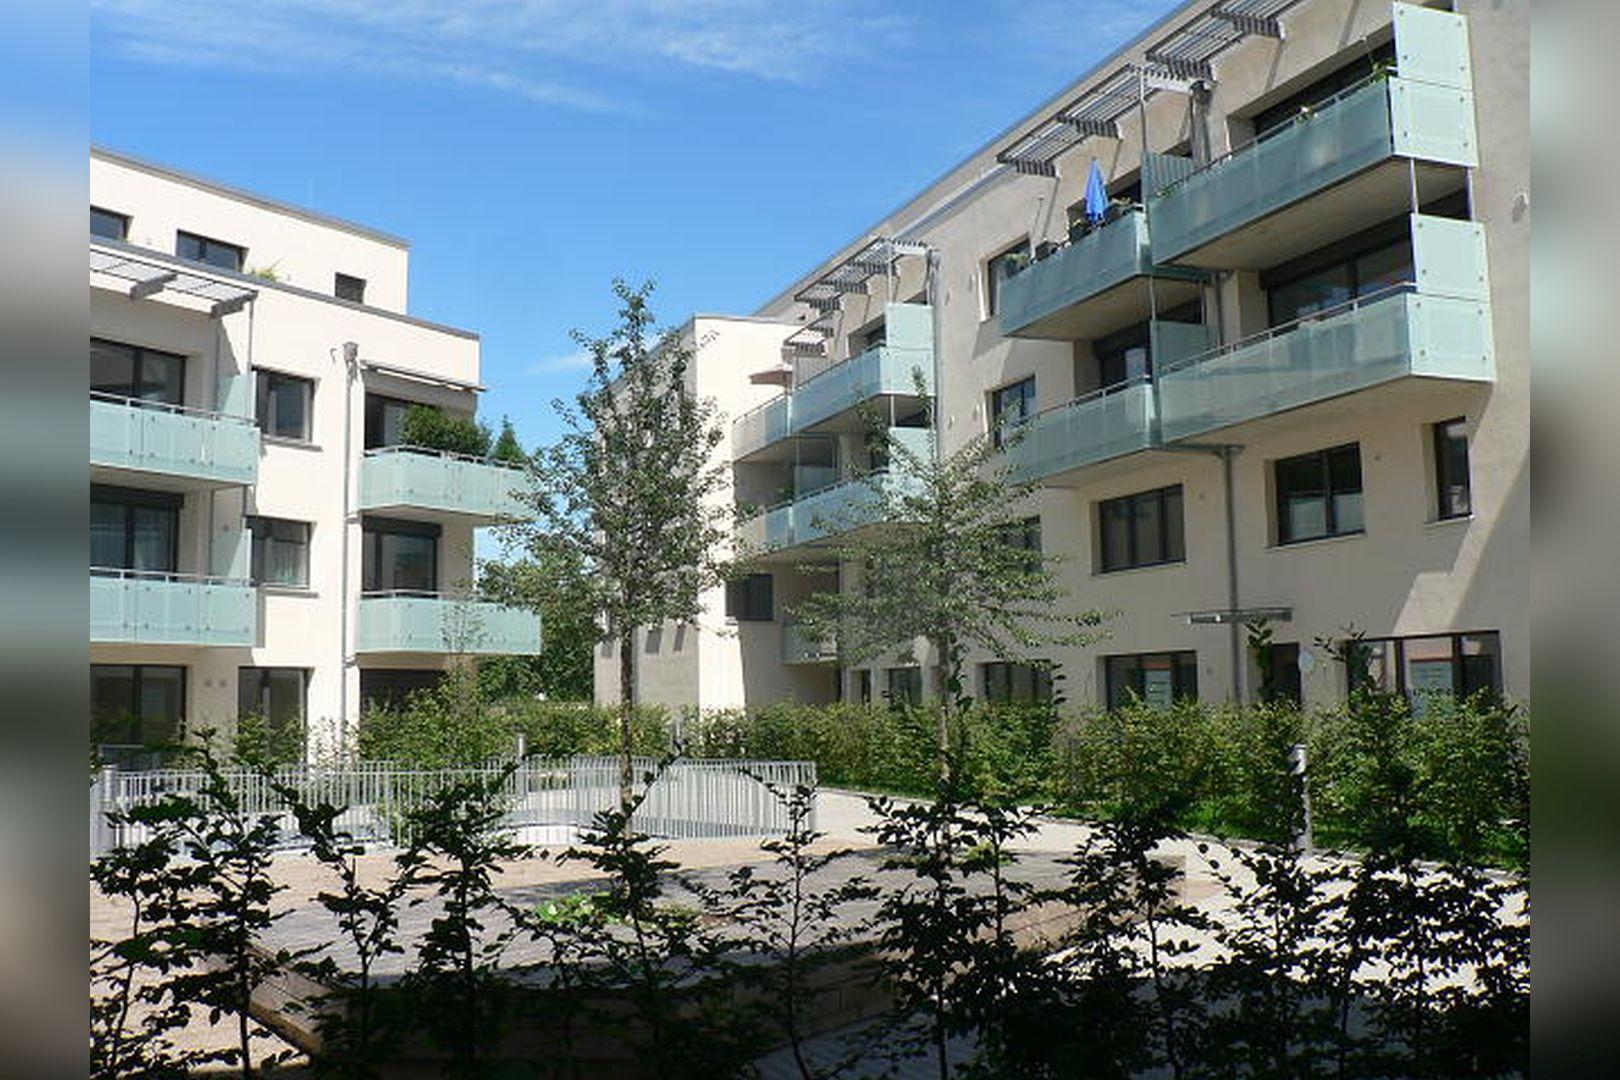 Immobilie Nr.0285 - 3-Zimmer-Maisonettewohnung mit Dachterrasse und TG-Stellplatz - Bild 4.jpg